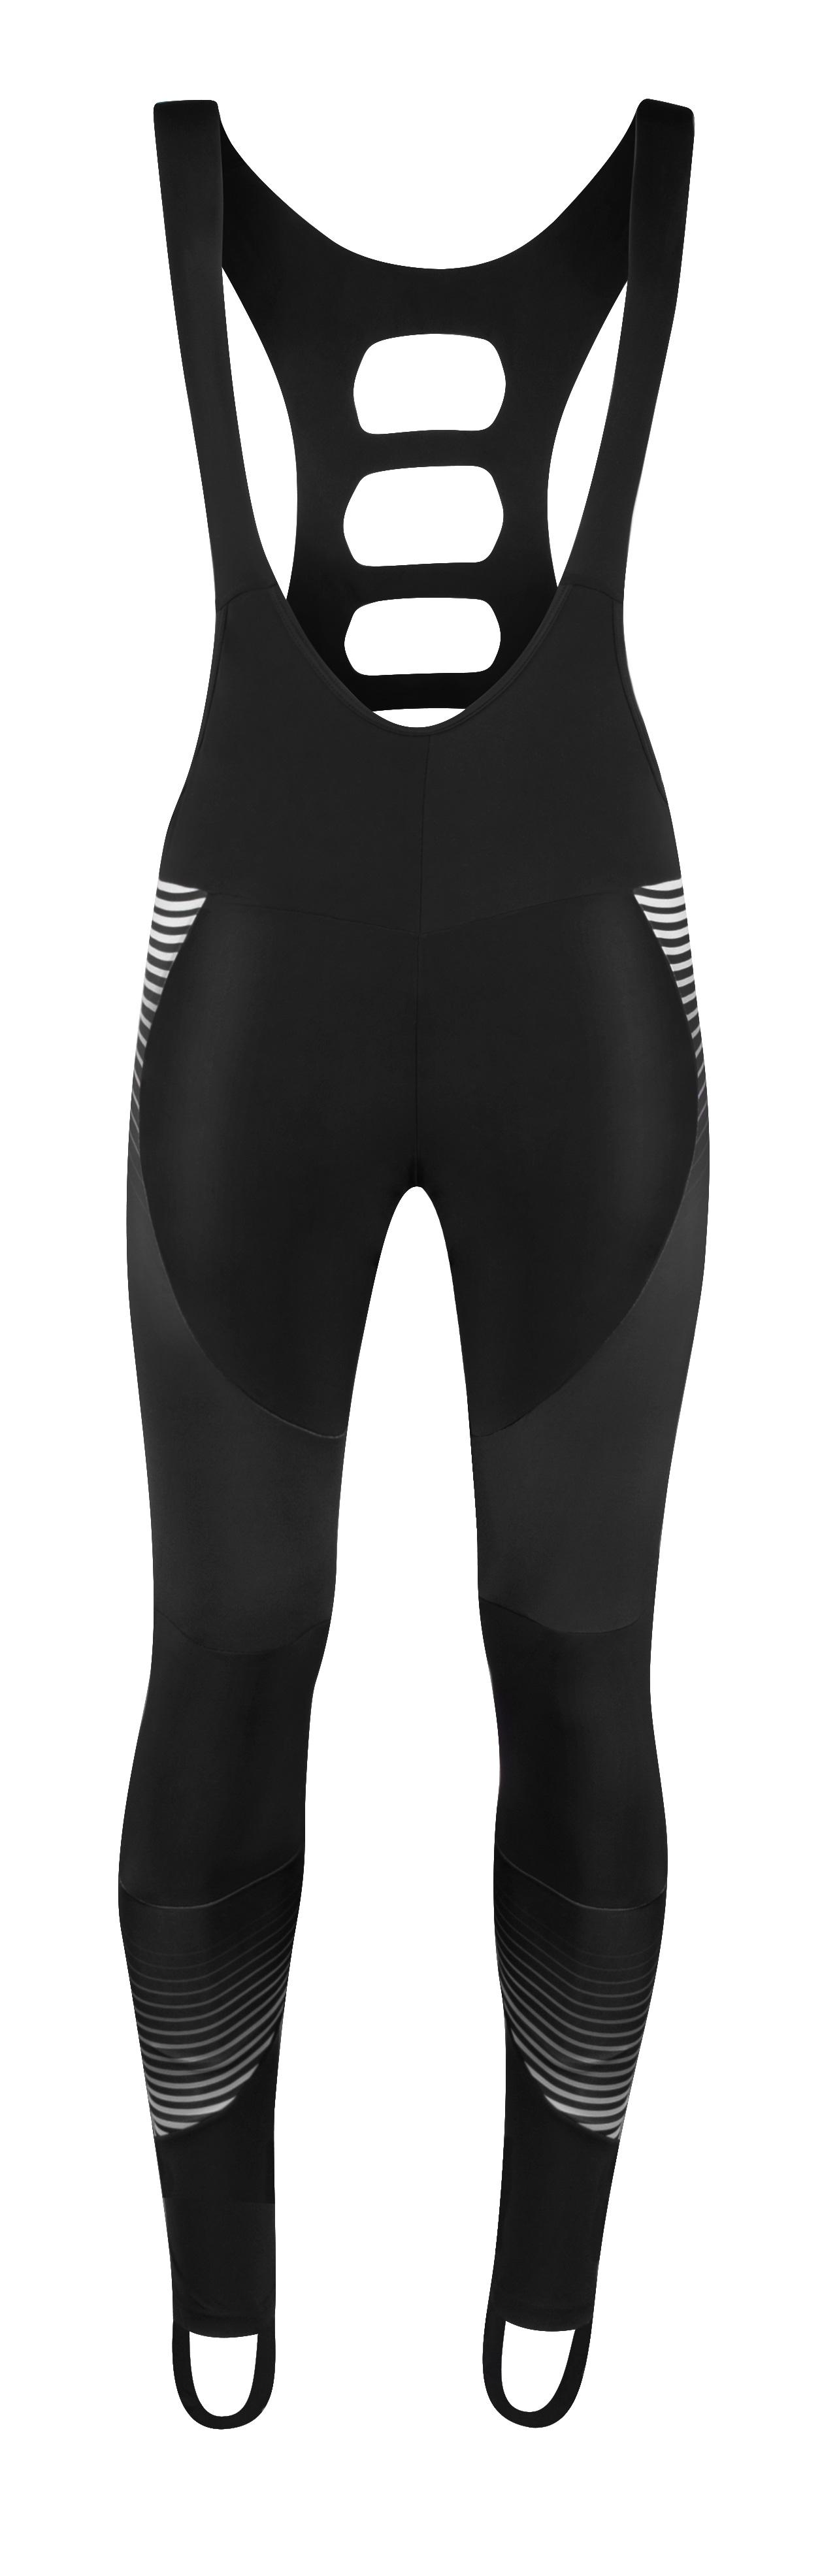 kalhoty FORCE DRIFT se šráky bez vložky,černé XXXL